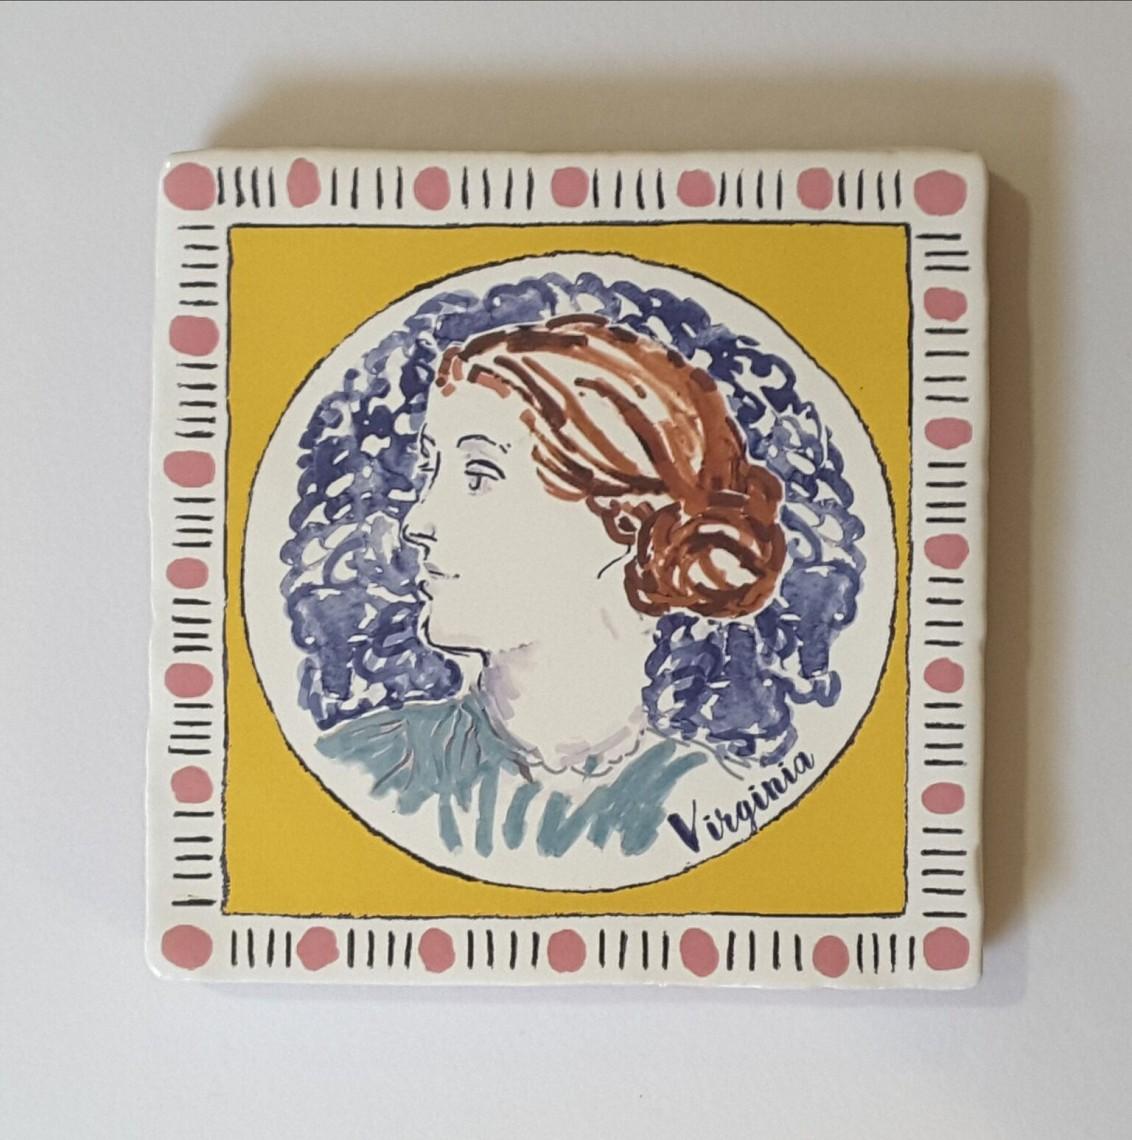 'Virginia Woolf' Tile: Bloomsbury Ceramics